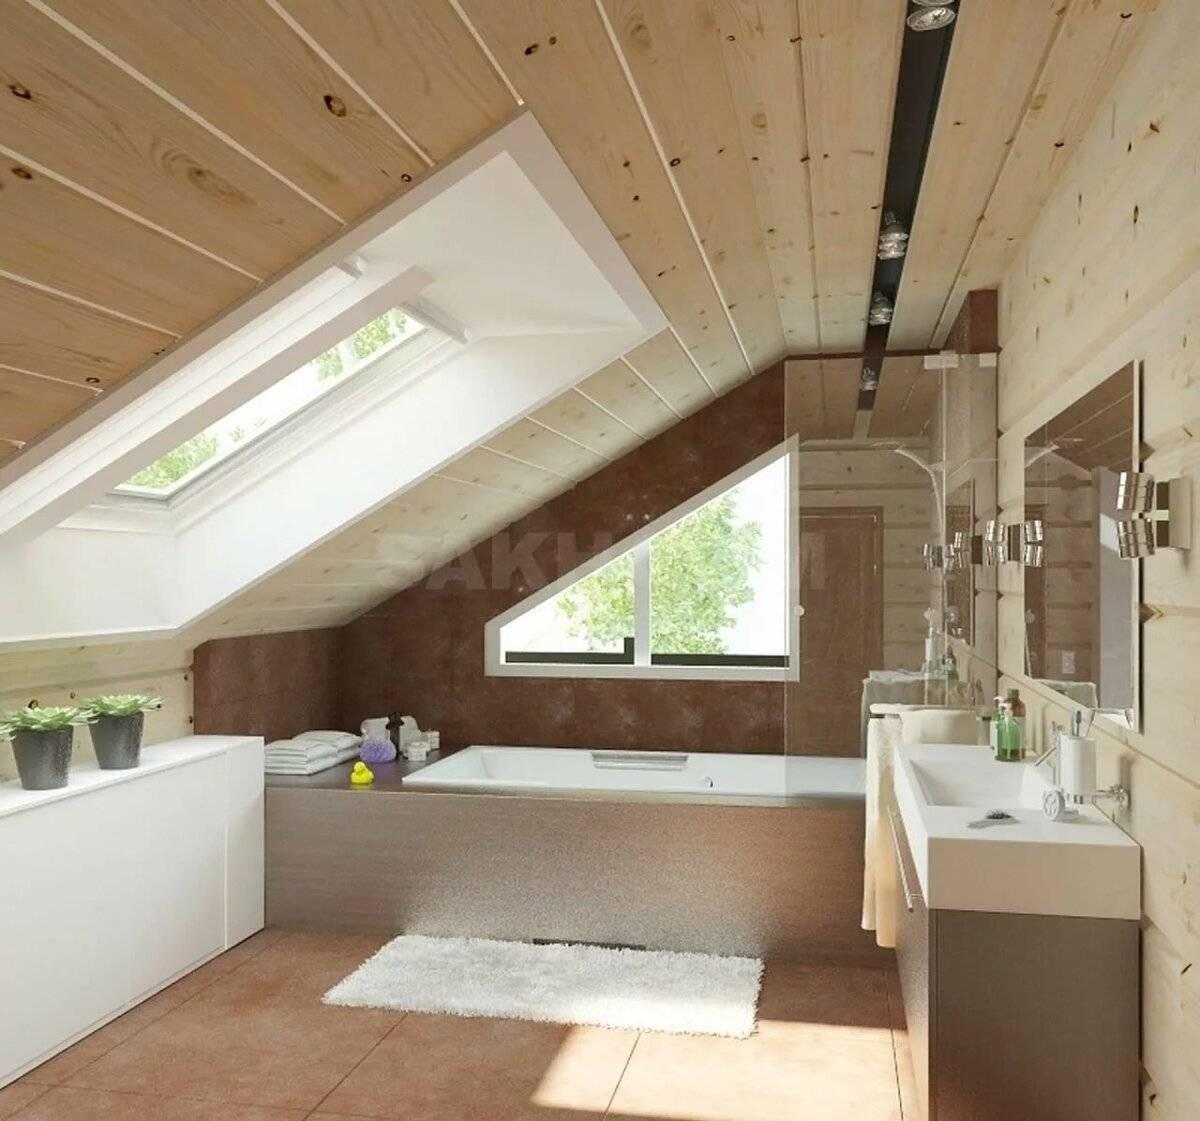 Проекты домов с мансардой (154 фото): мансардные дачные домики 6х6 м, красивые конструкции внутри и снаружи, планировка коттеджа с верандой и эркером